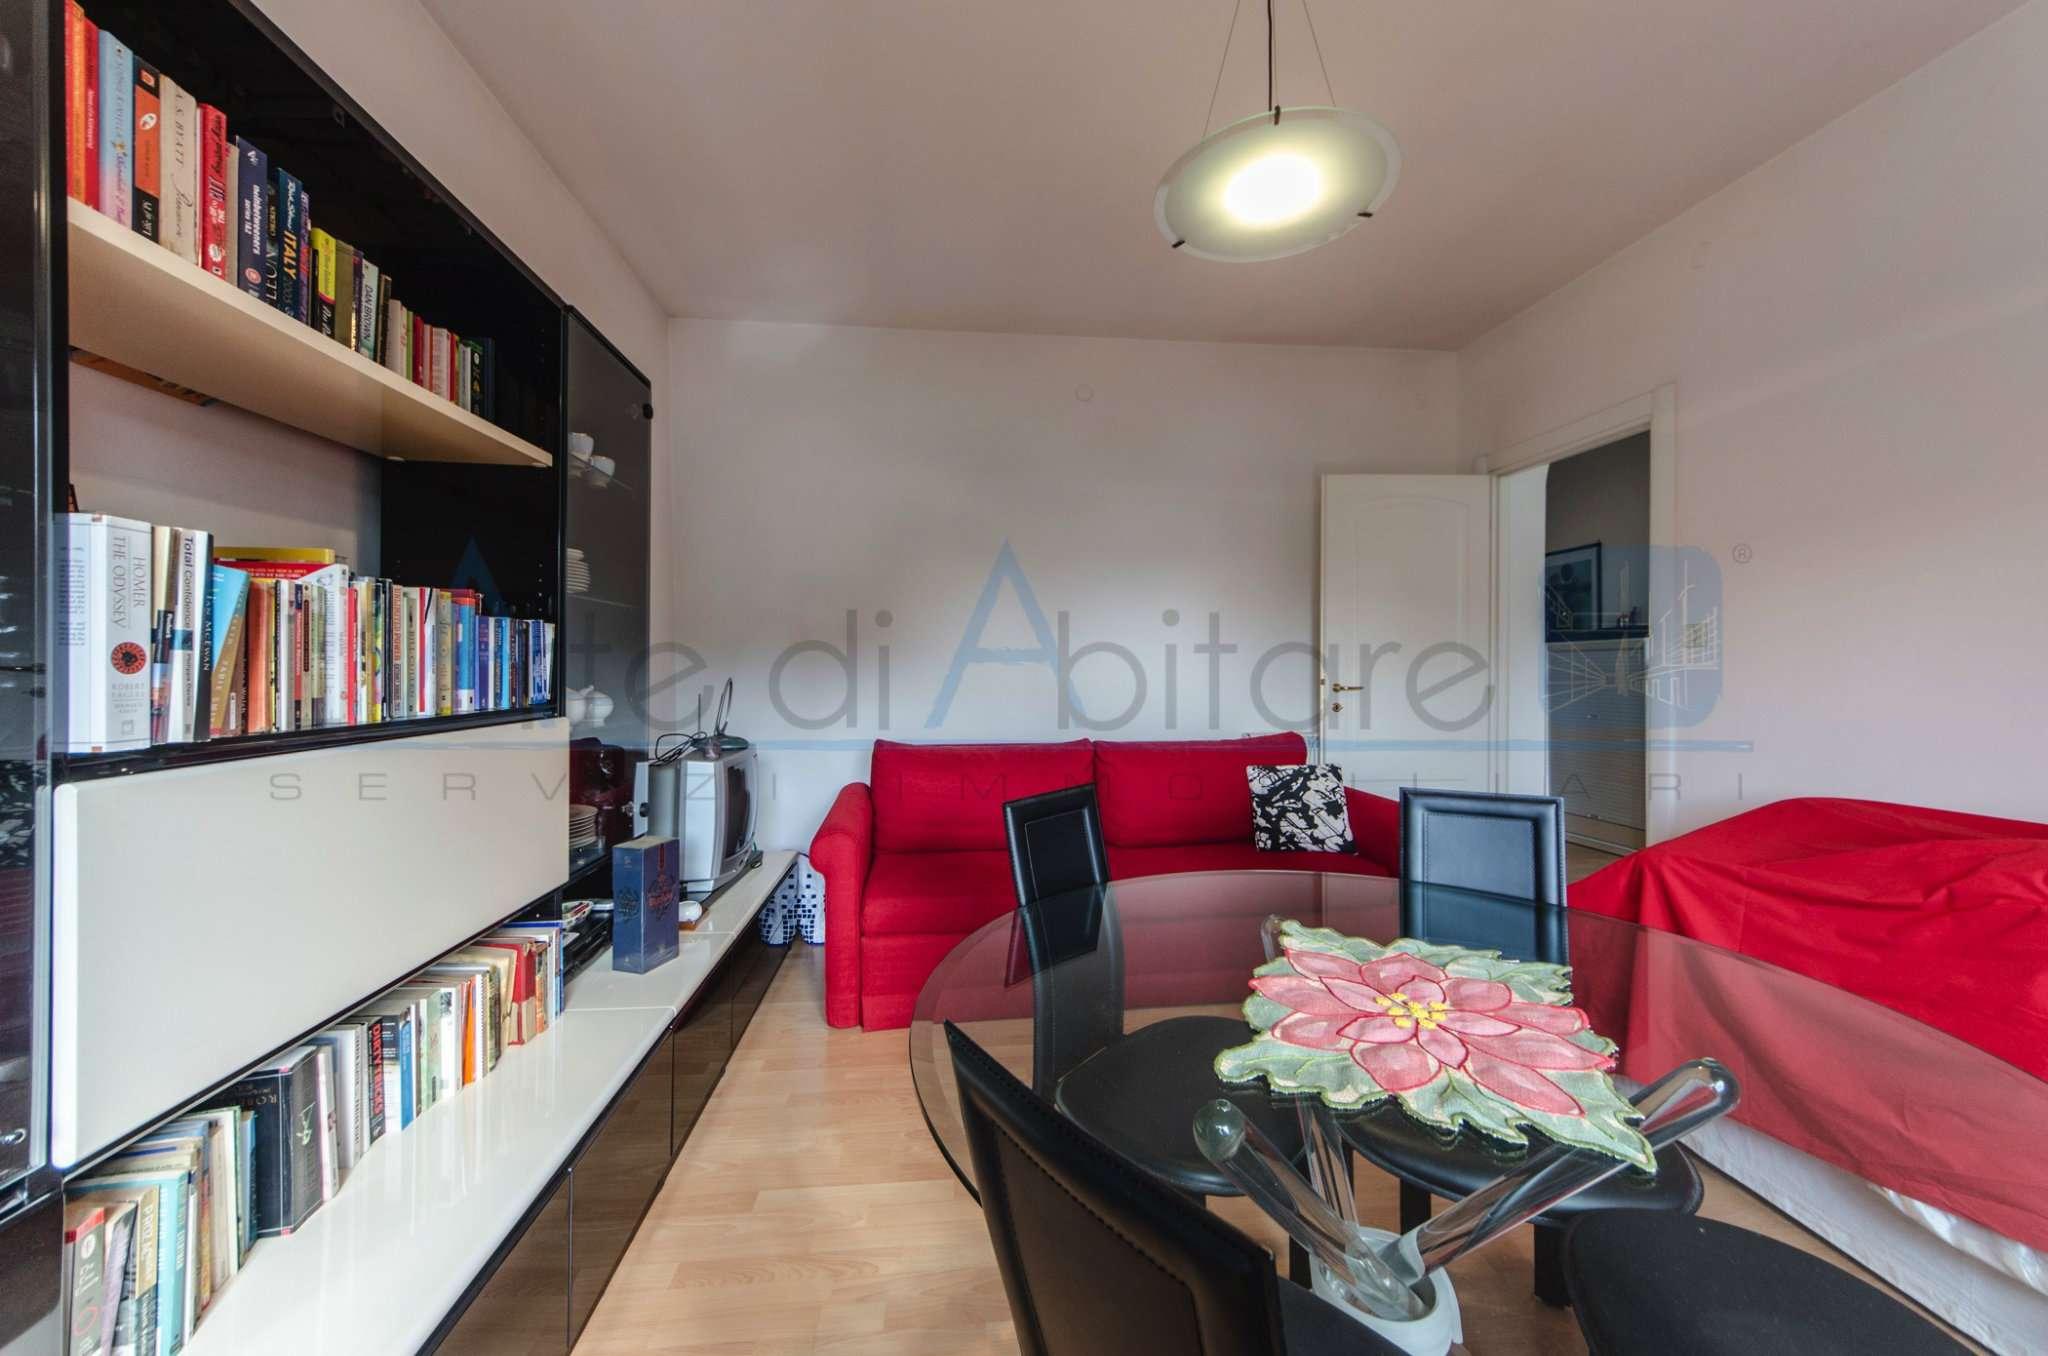 Appartamento in vendita a Venezia, 5 locali, zona Zona: 8 . Lido, prezzo € 420.000   Cambio Casa.it